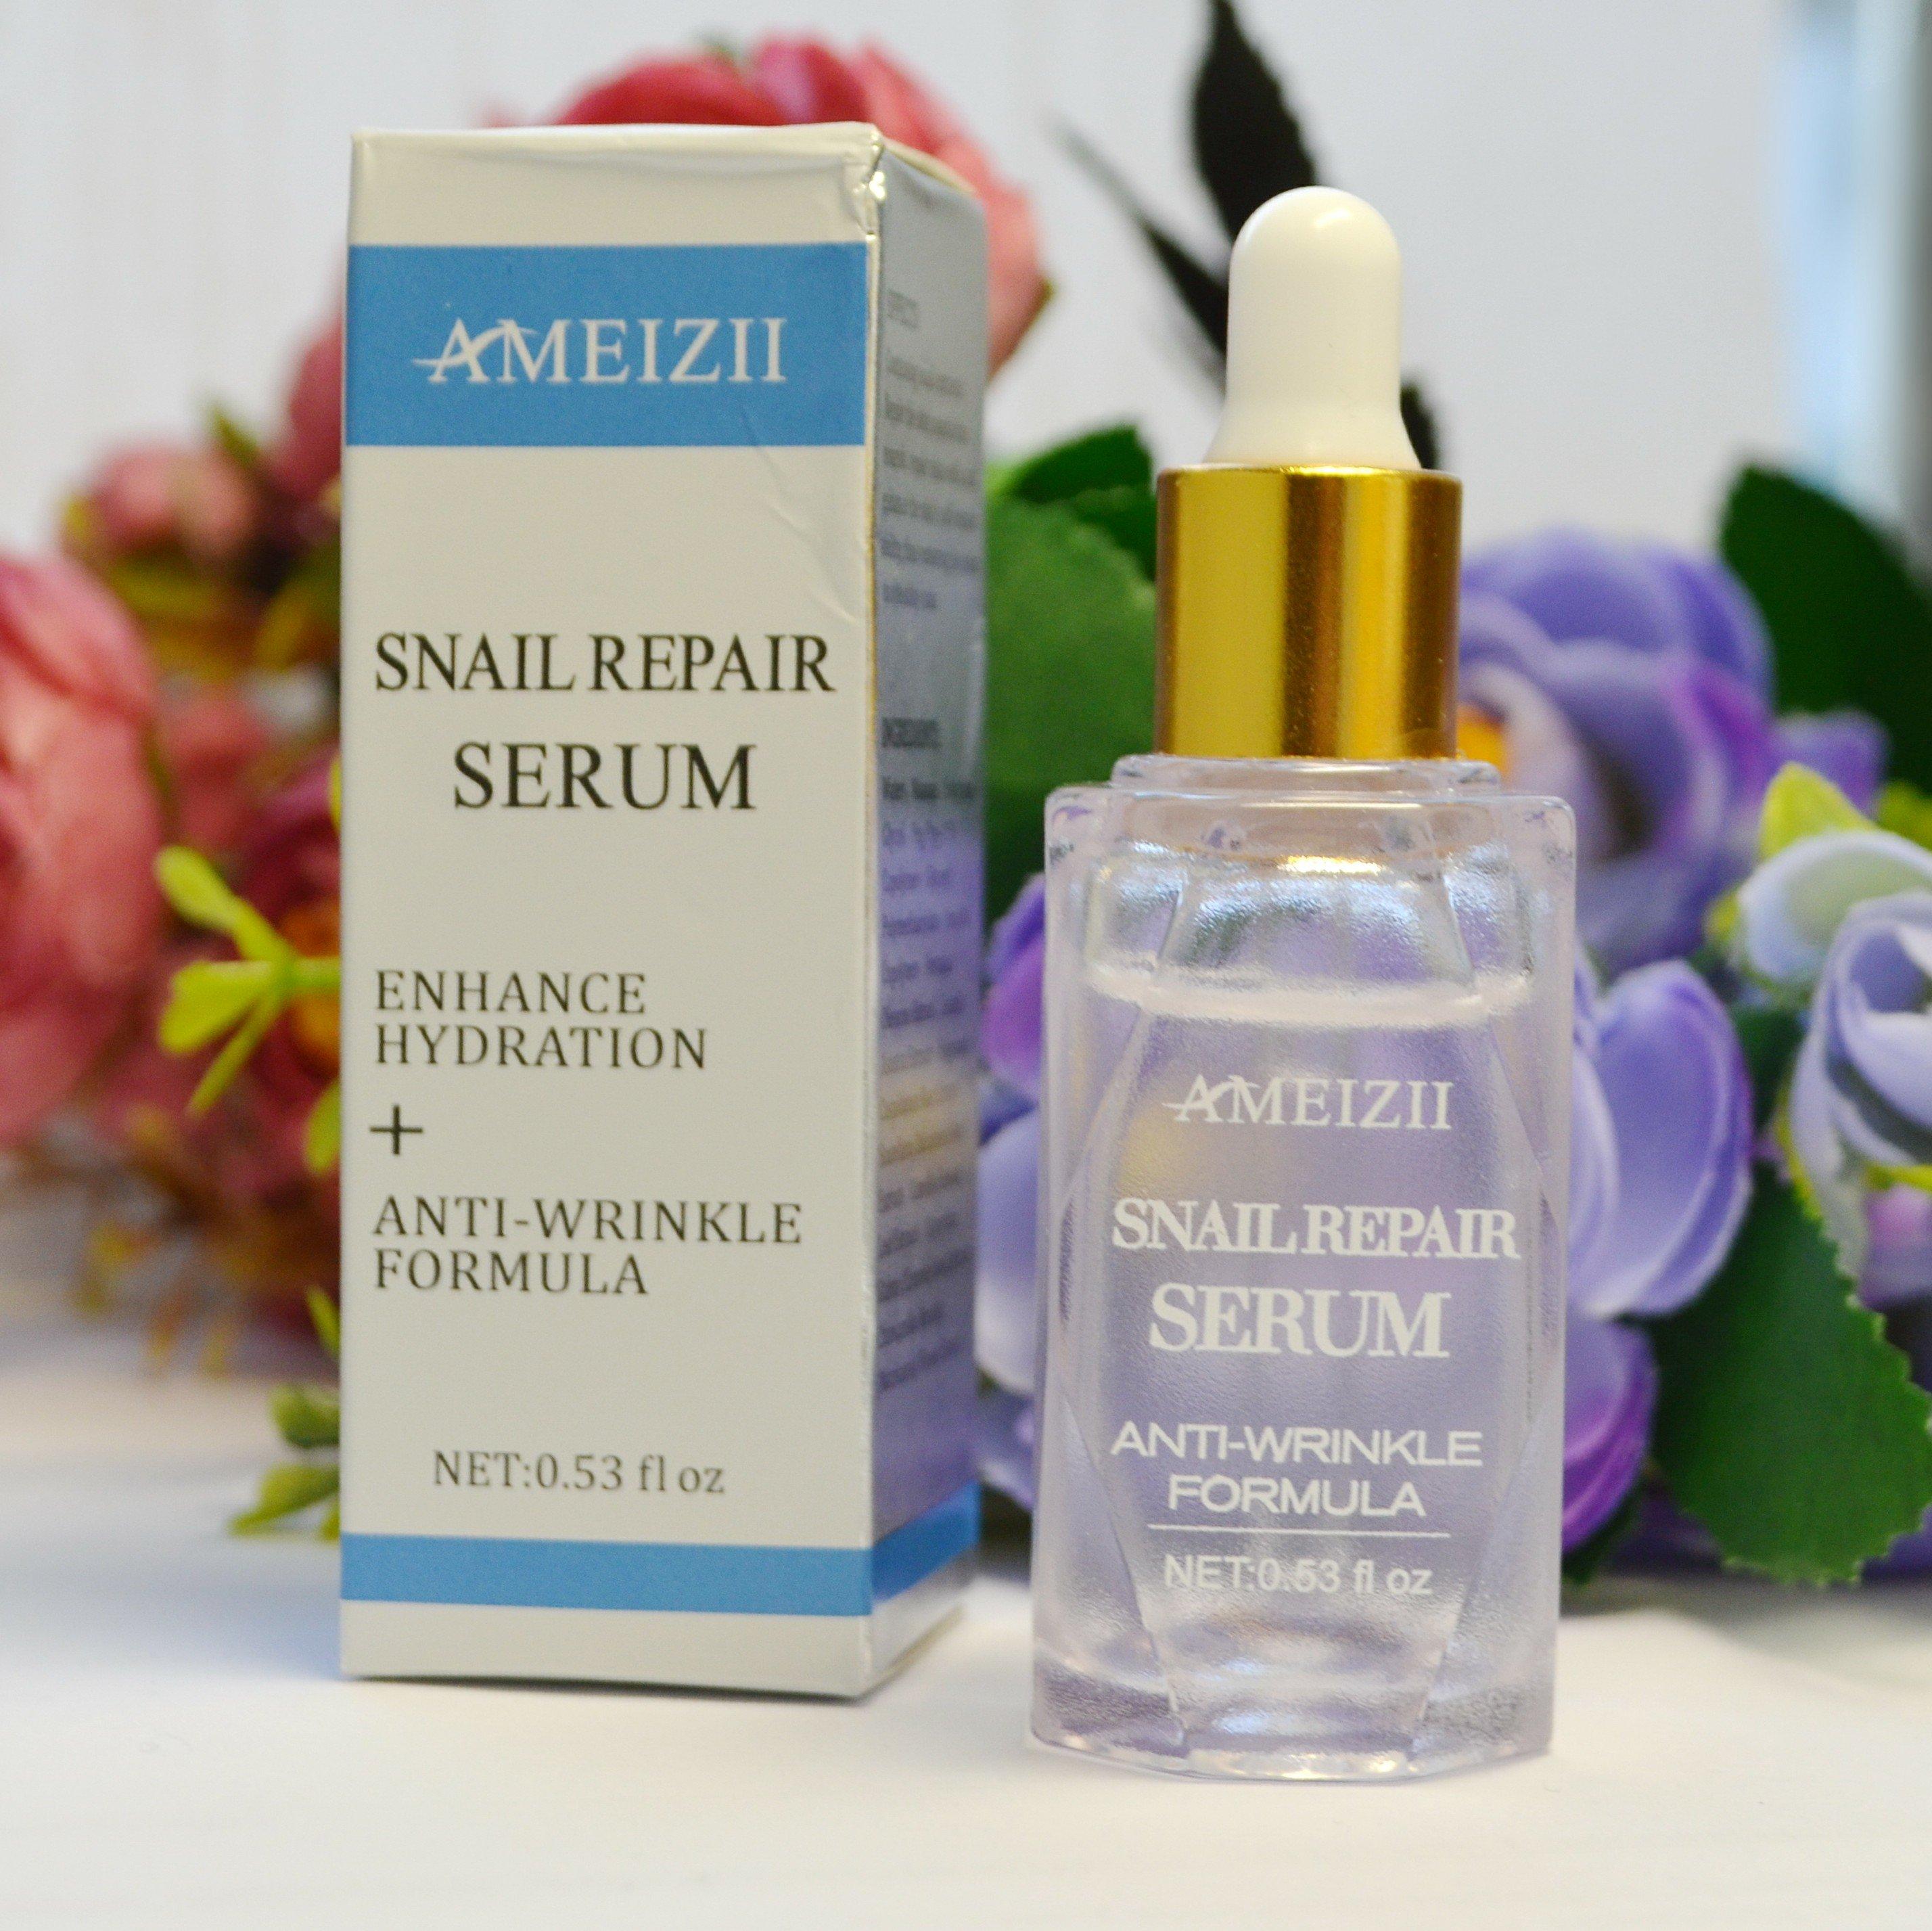 Многофункциональная сыворотка от морщин и прыщей AMEIZII Snail Repair